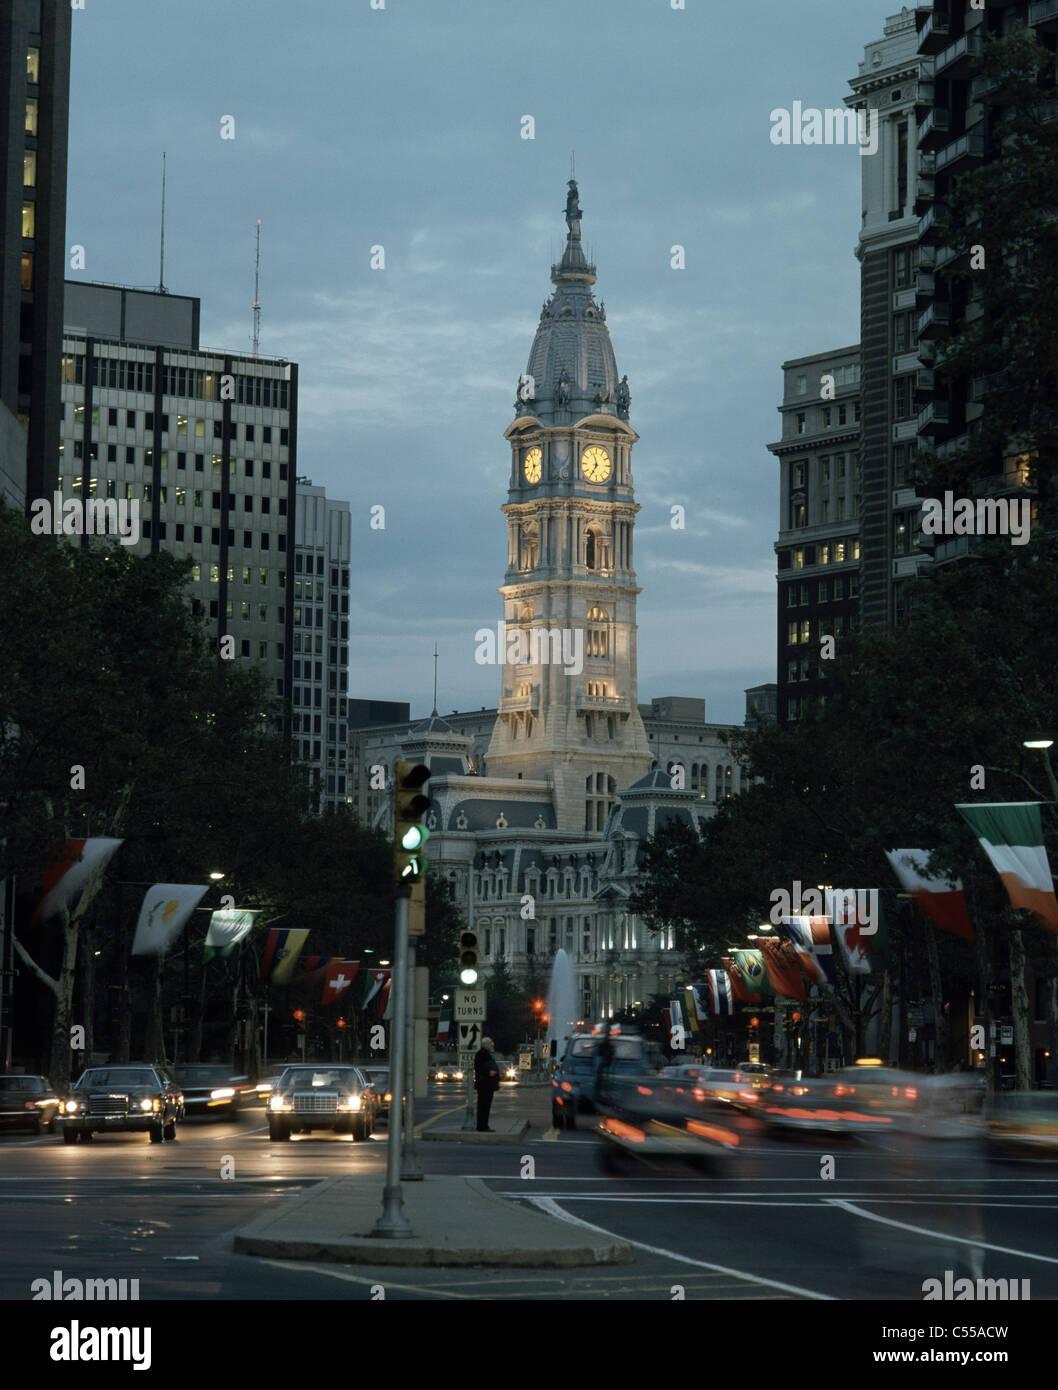 Stati Uniti d'America, Pennsylvania, Philadelphia, Benjamin Franklin Parkway e Municipio al crepuscolo Foto Stock